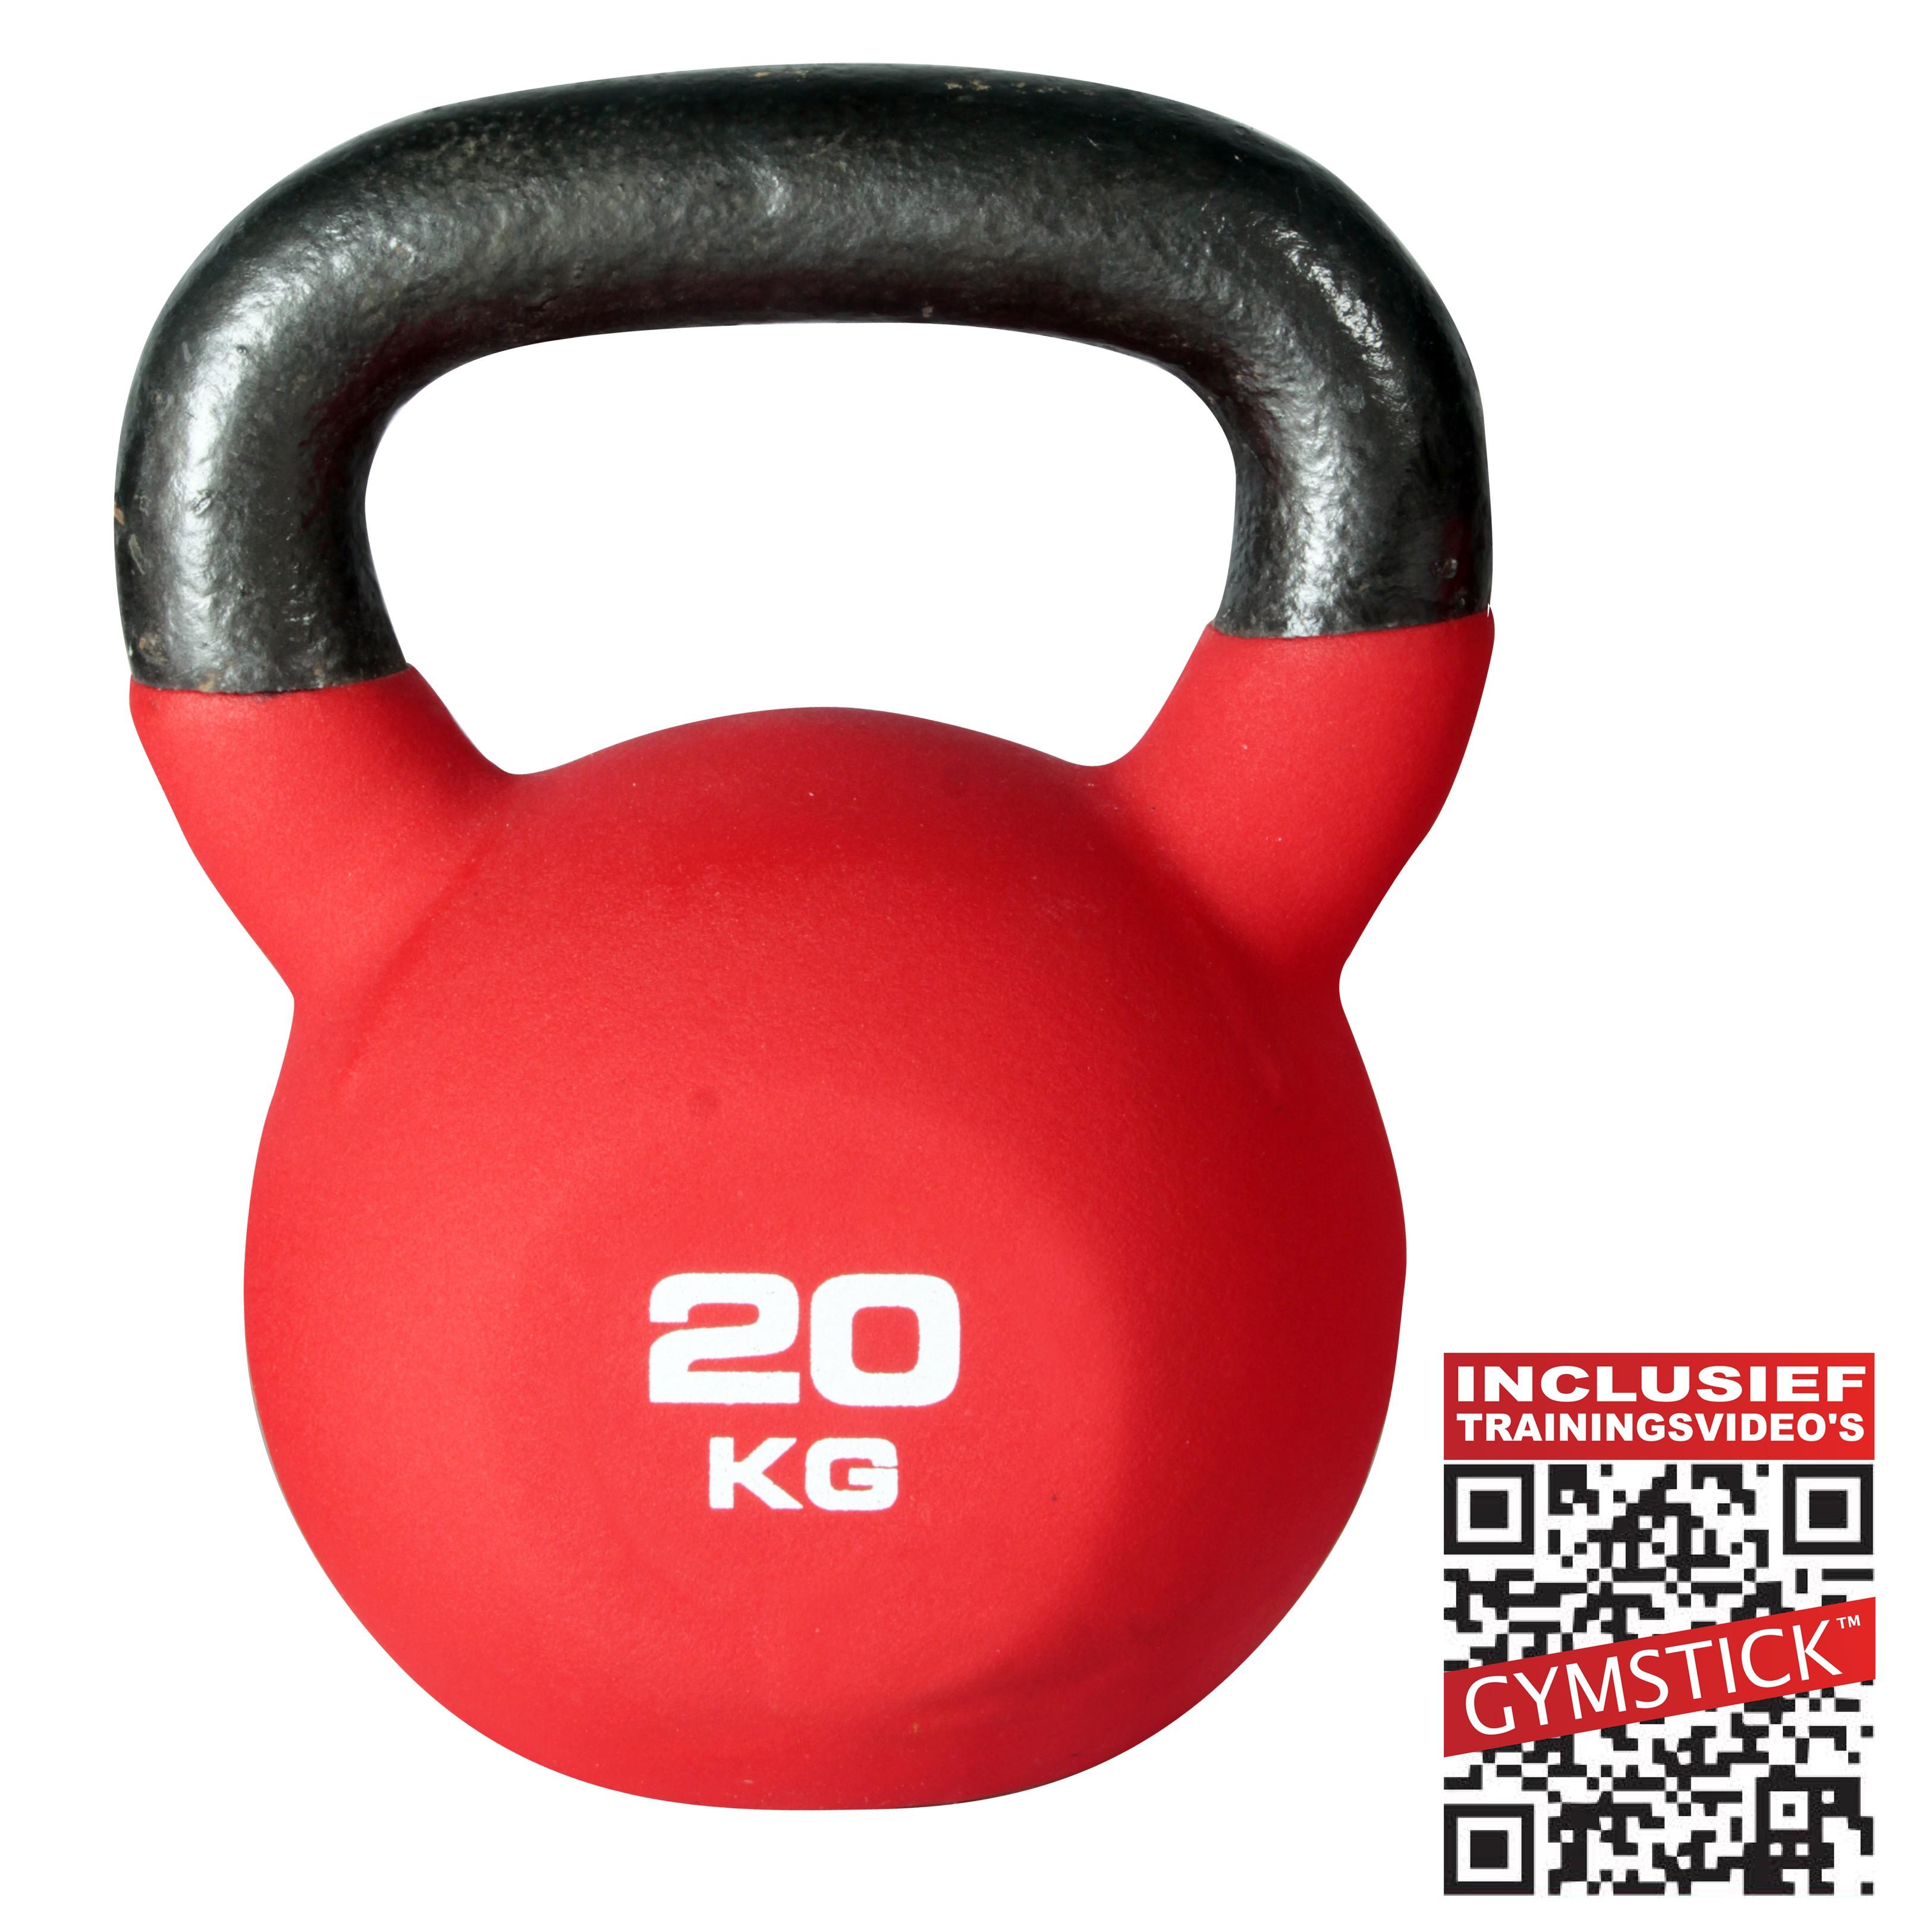 Gymstick Kettlebell Pro 20 Kg Neopreen Met Trainingsvideo's